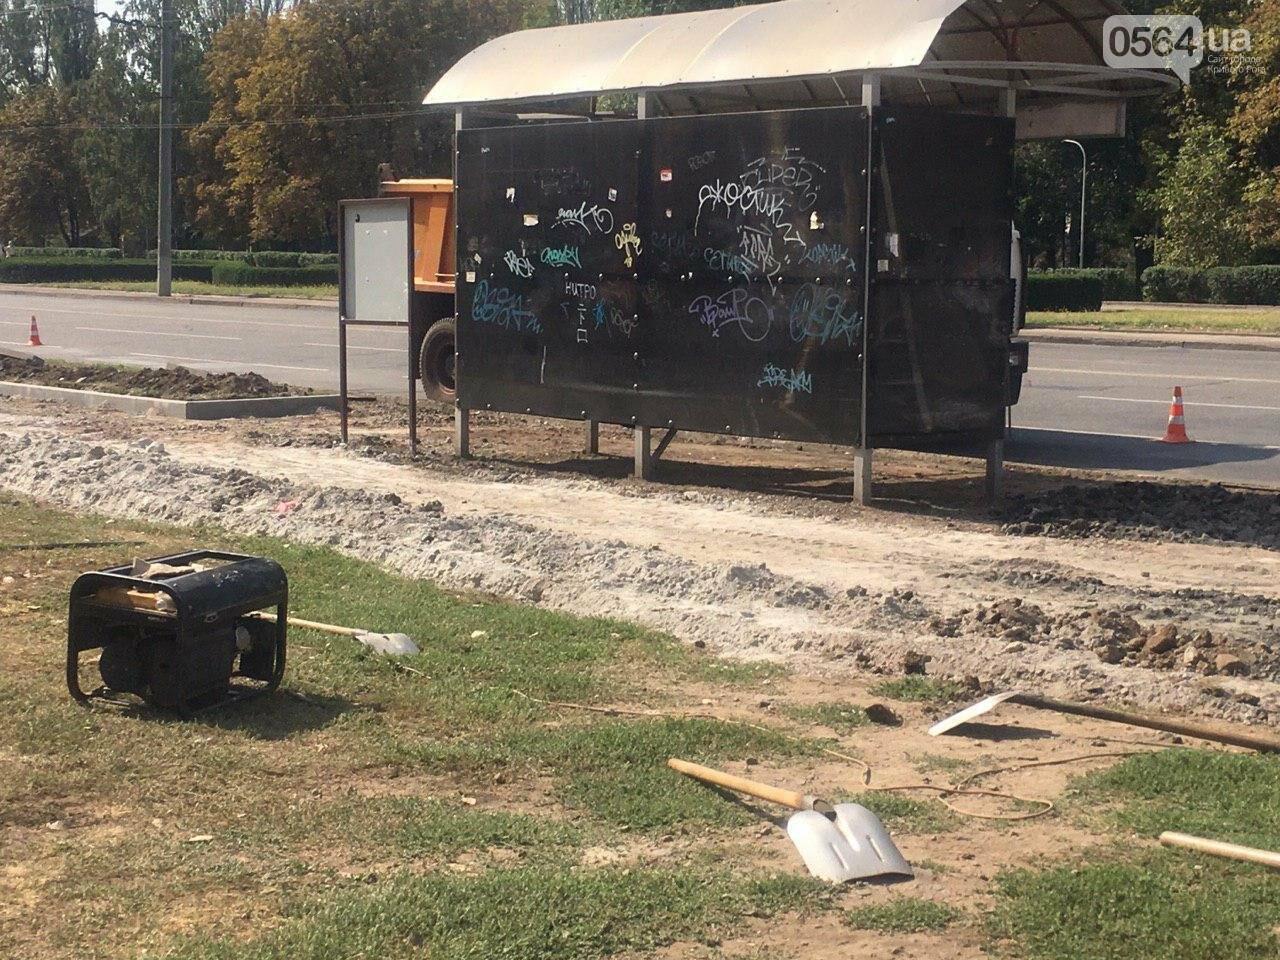 В Кривом Роге ремонтируют пешеходную дорожку к горисполкому, - ФОТО , фото-15